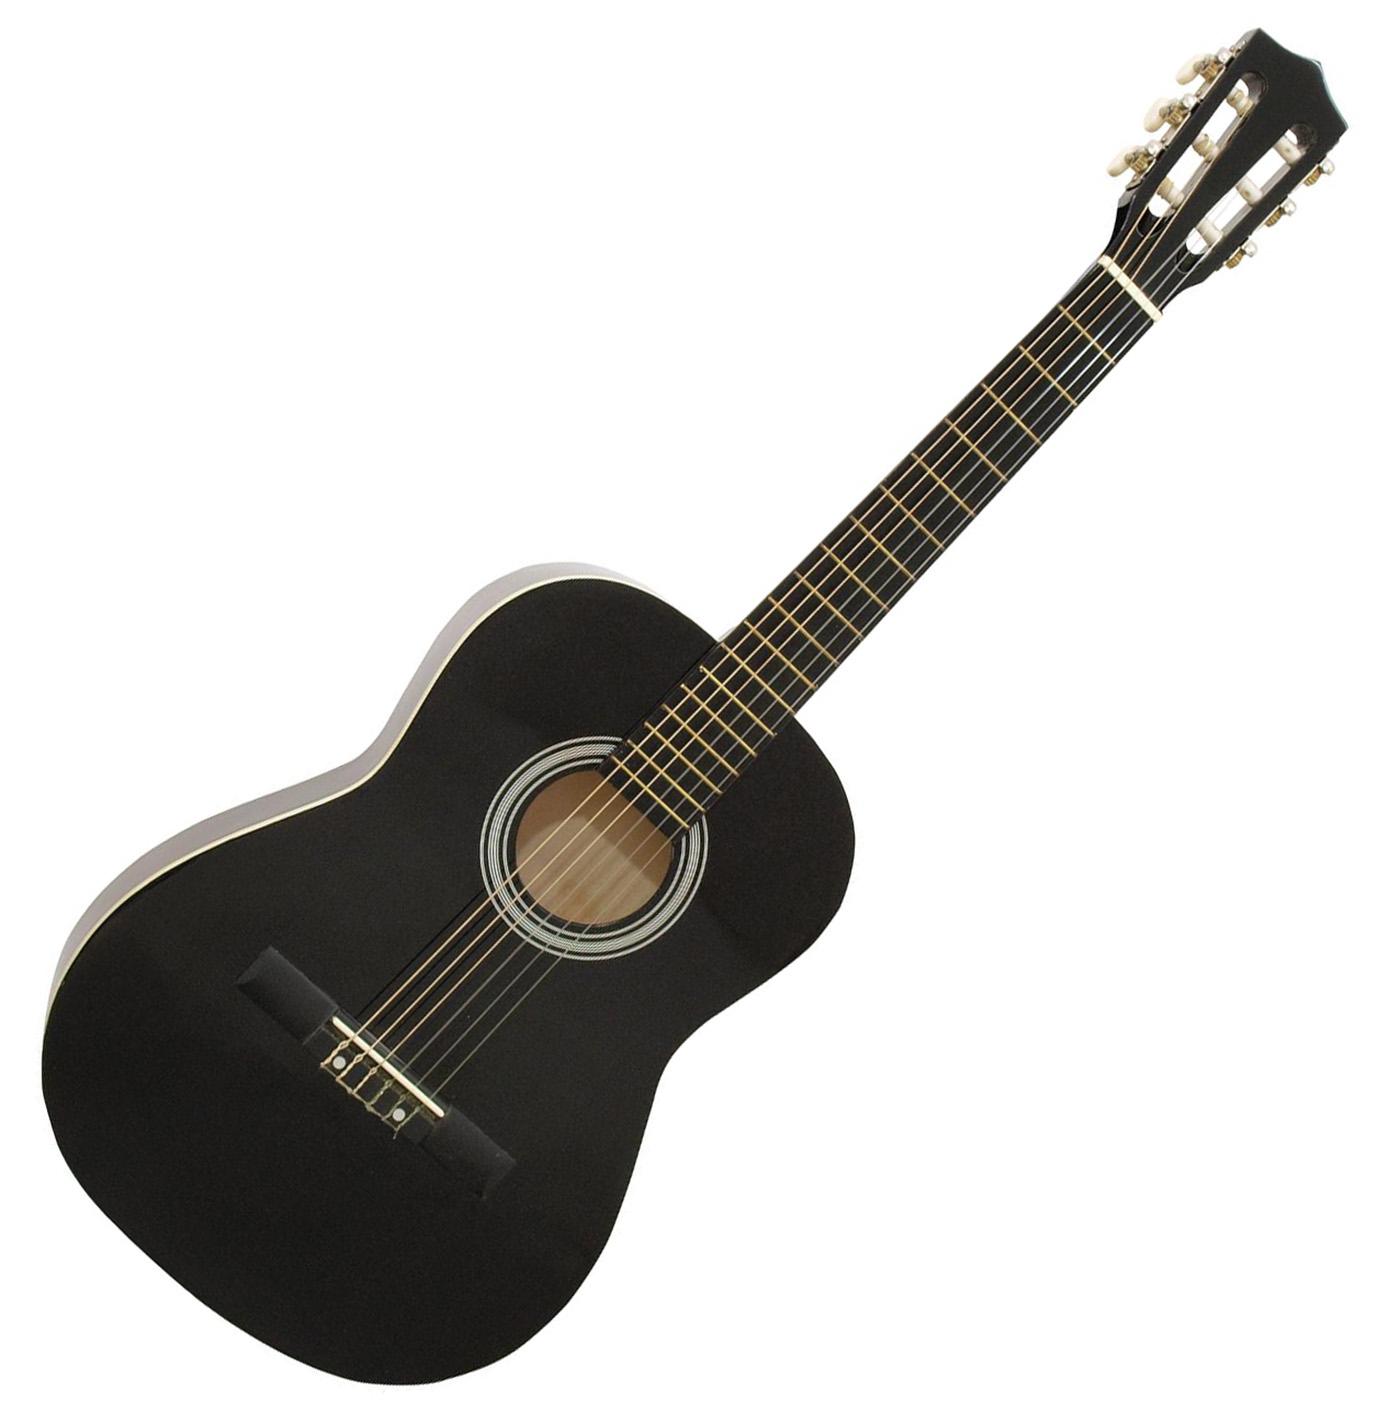 DiMavery AC-303 klassisk spansk guitar 3/4, sort